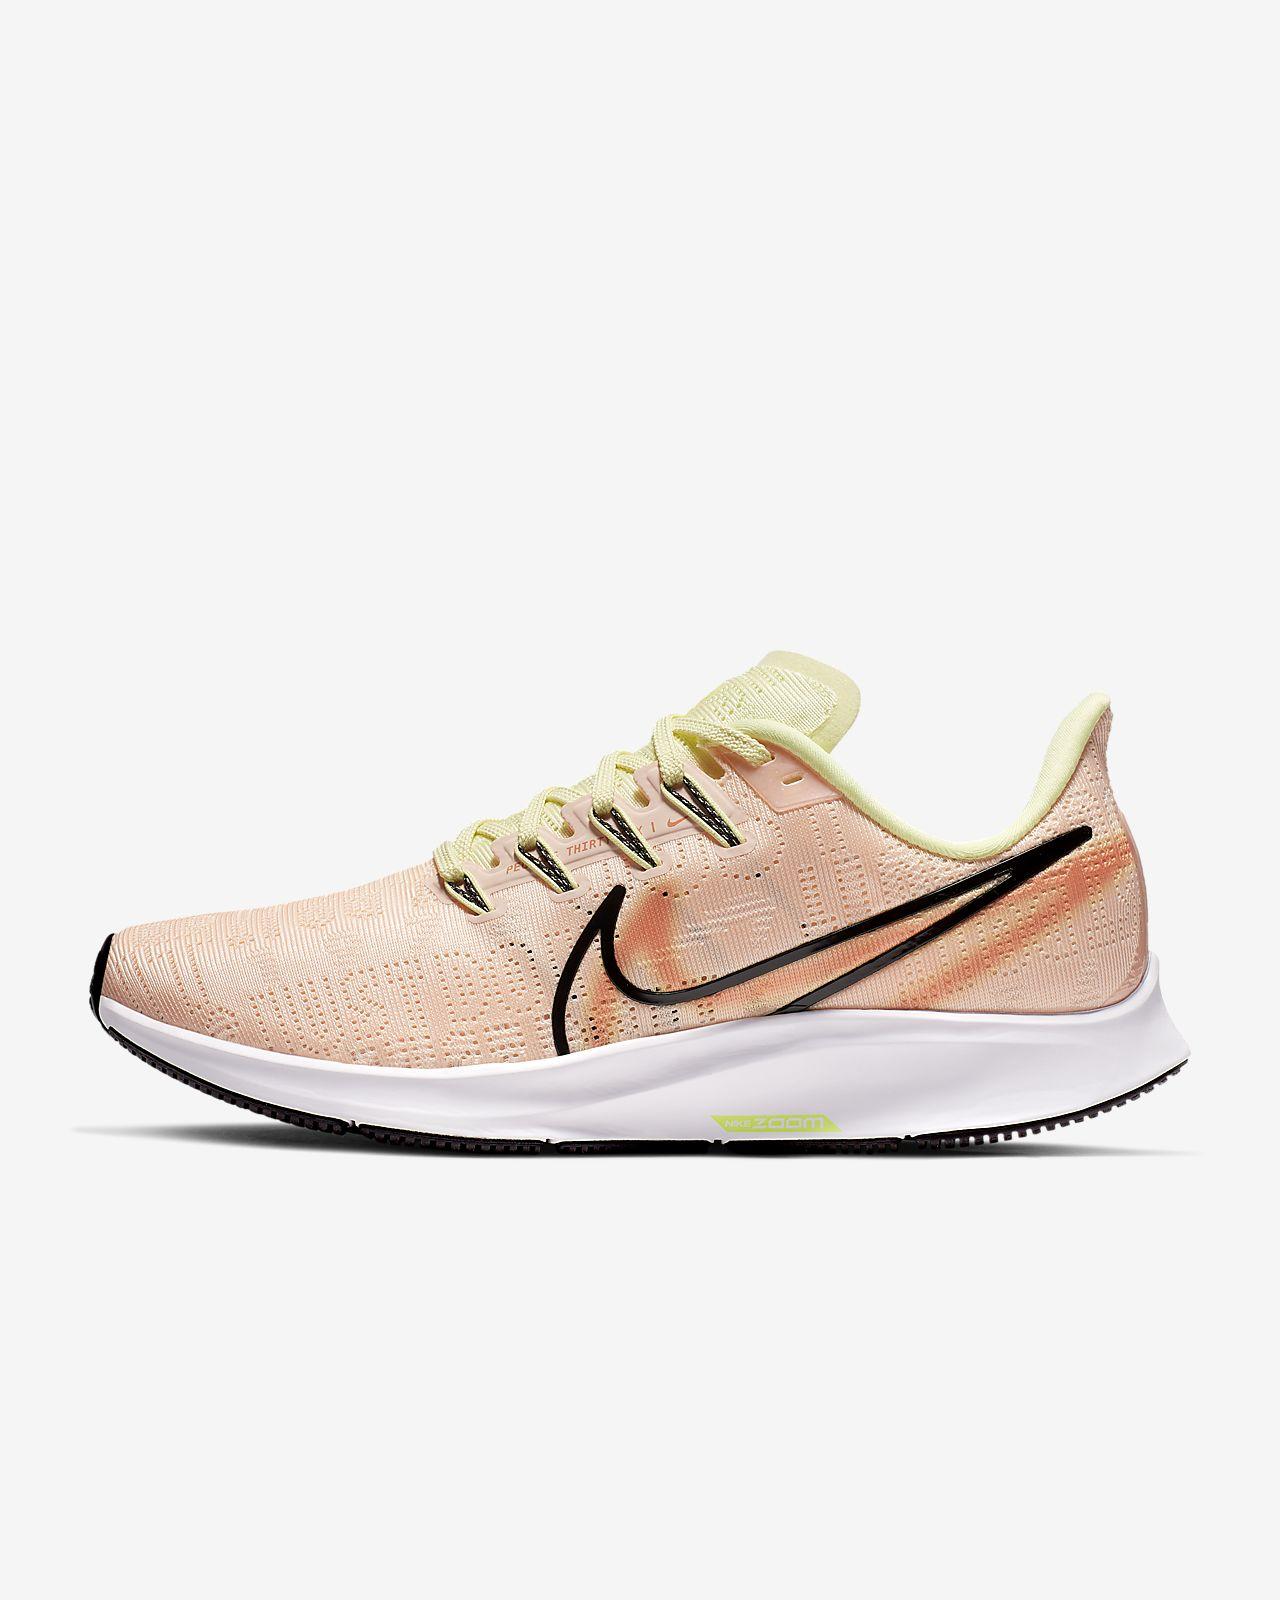 meilleur service 91065 2994d Chaussure de running Nike Air Zoom Pegasus 36 Premium Rise pour Femme